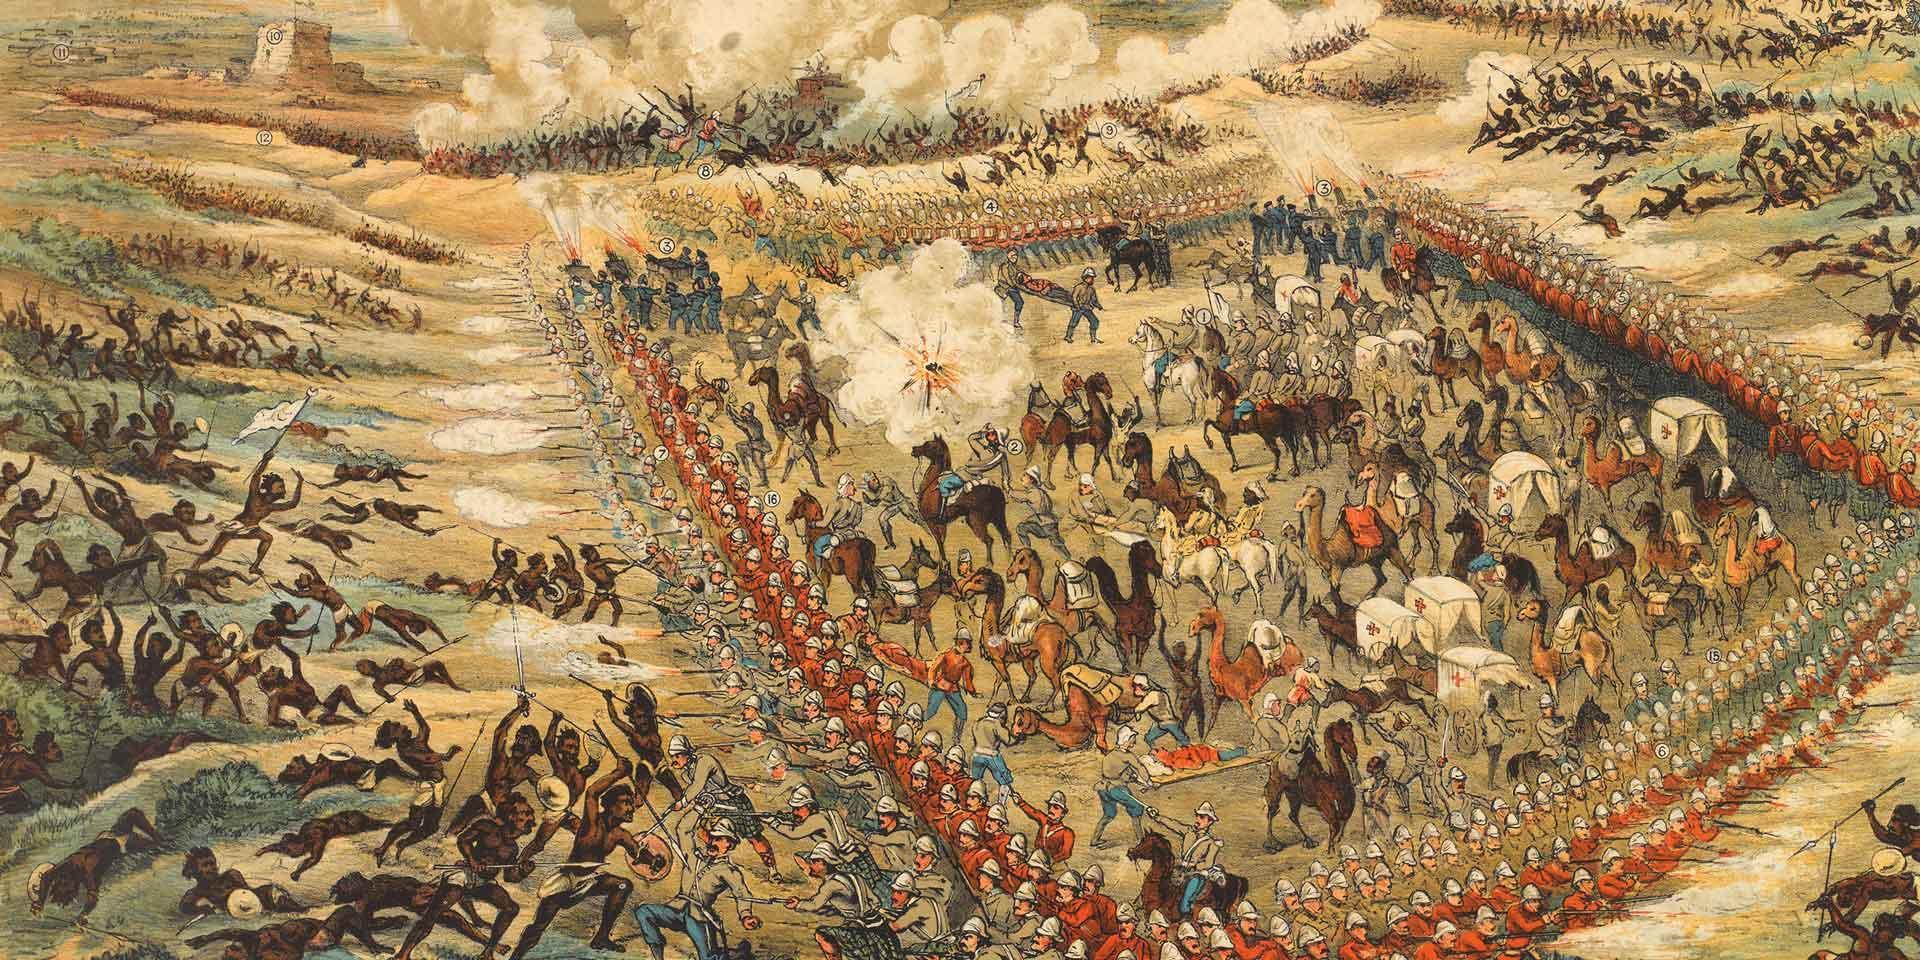 The Battle of El Teb, 1884